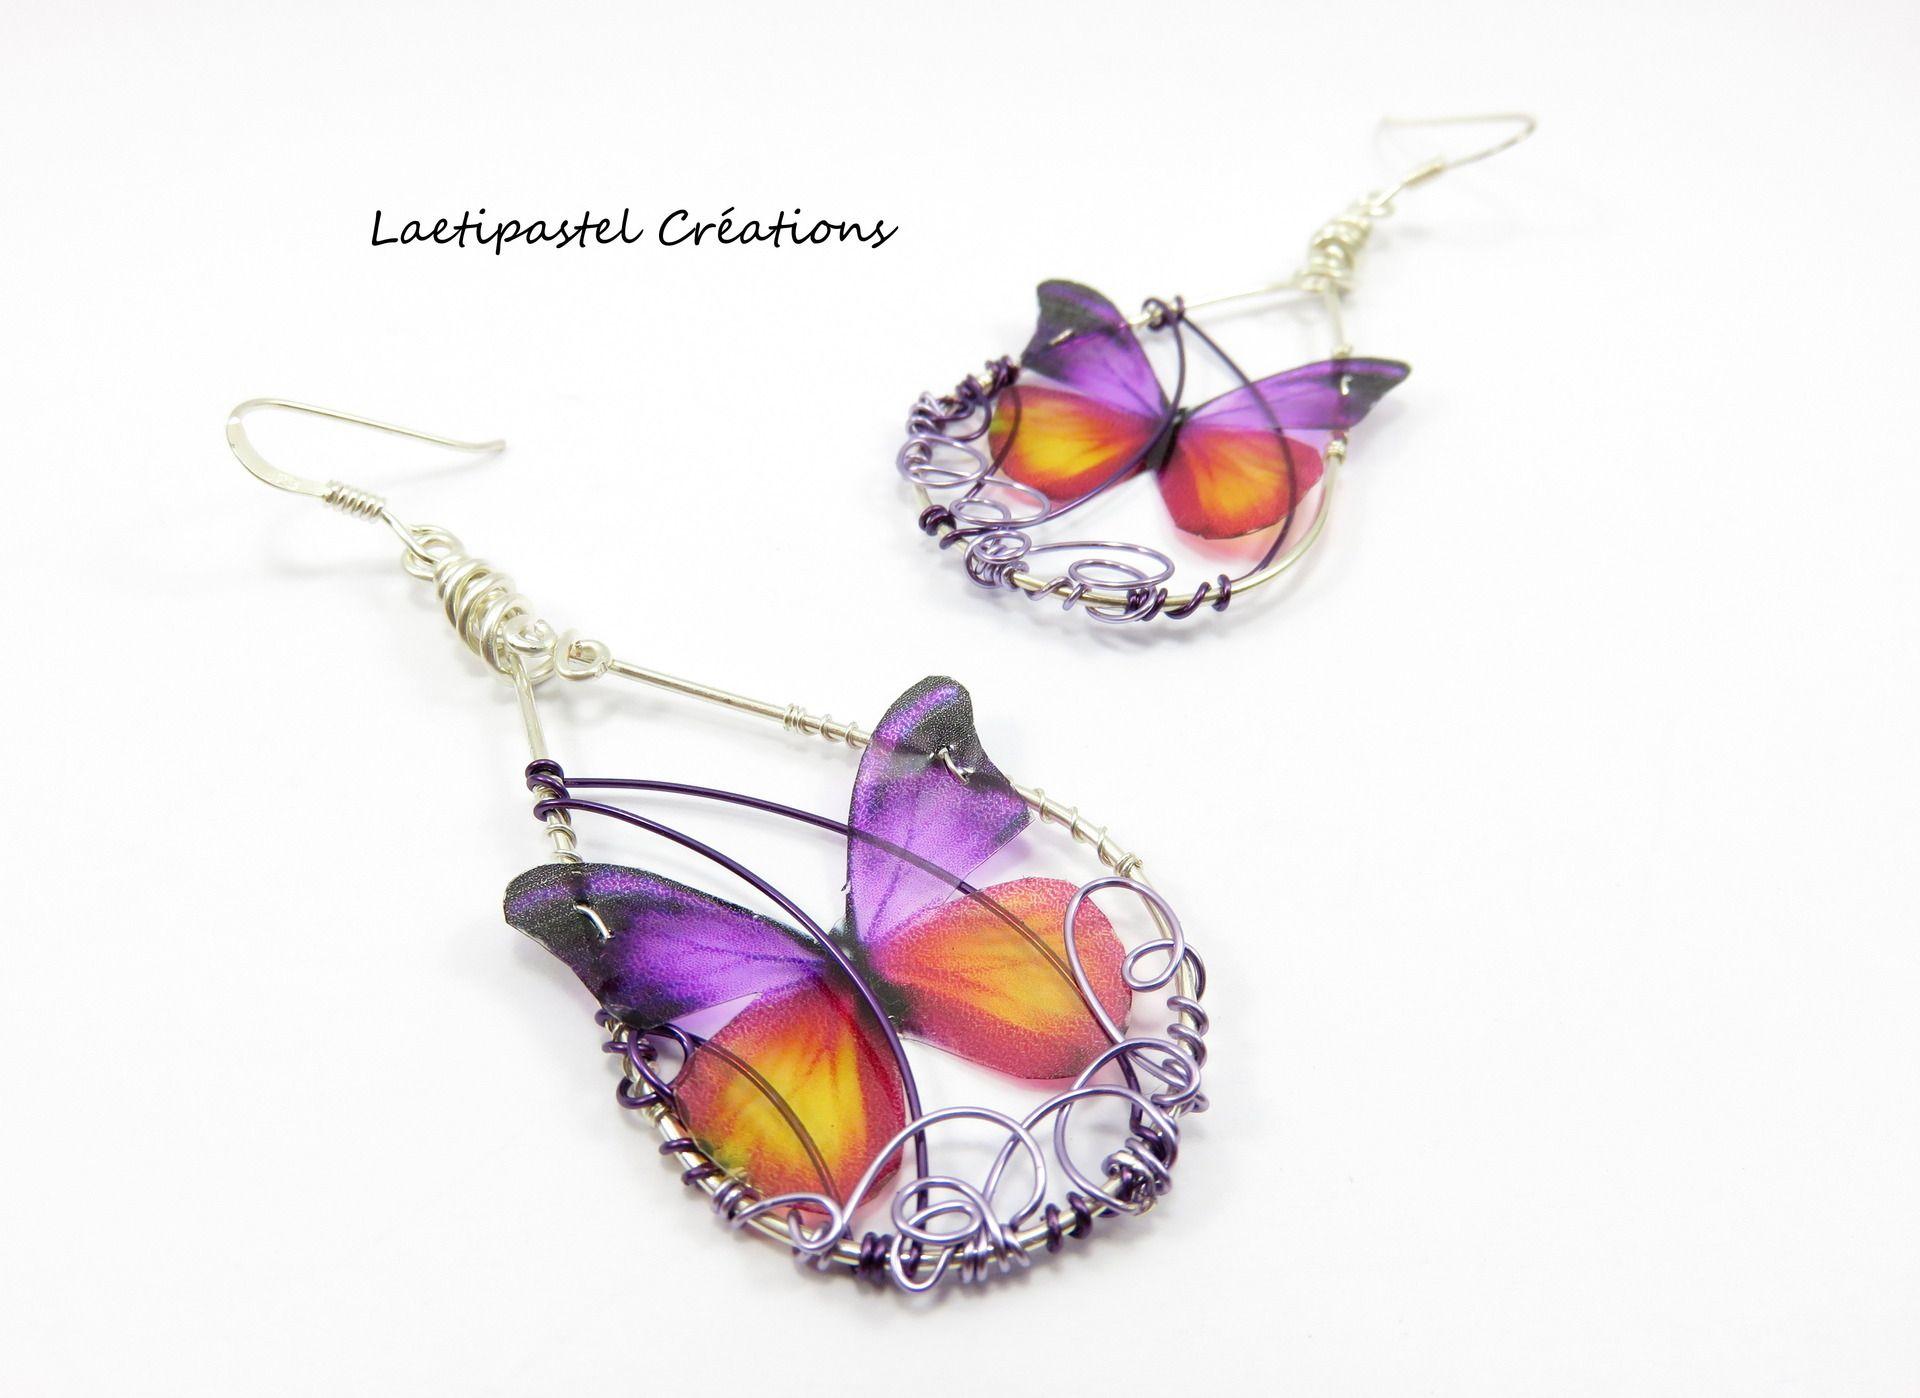 Boucles d'oreilles dissociées papillons violet et orange transparents, imaginées puis crées main, métal torsadé. : Boucles d'oreille par laetipastel                                                                                                                                                                                 Plus